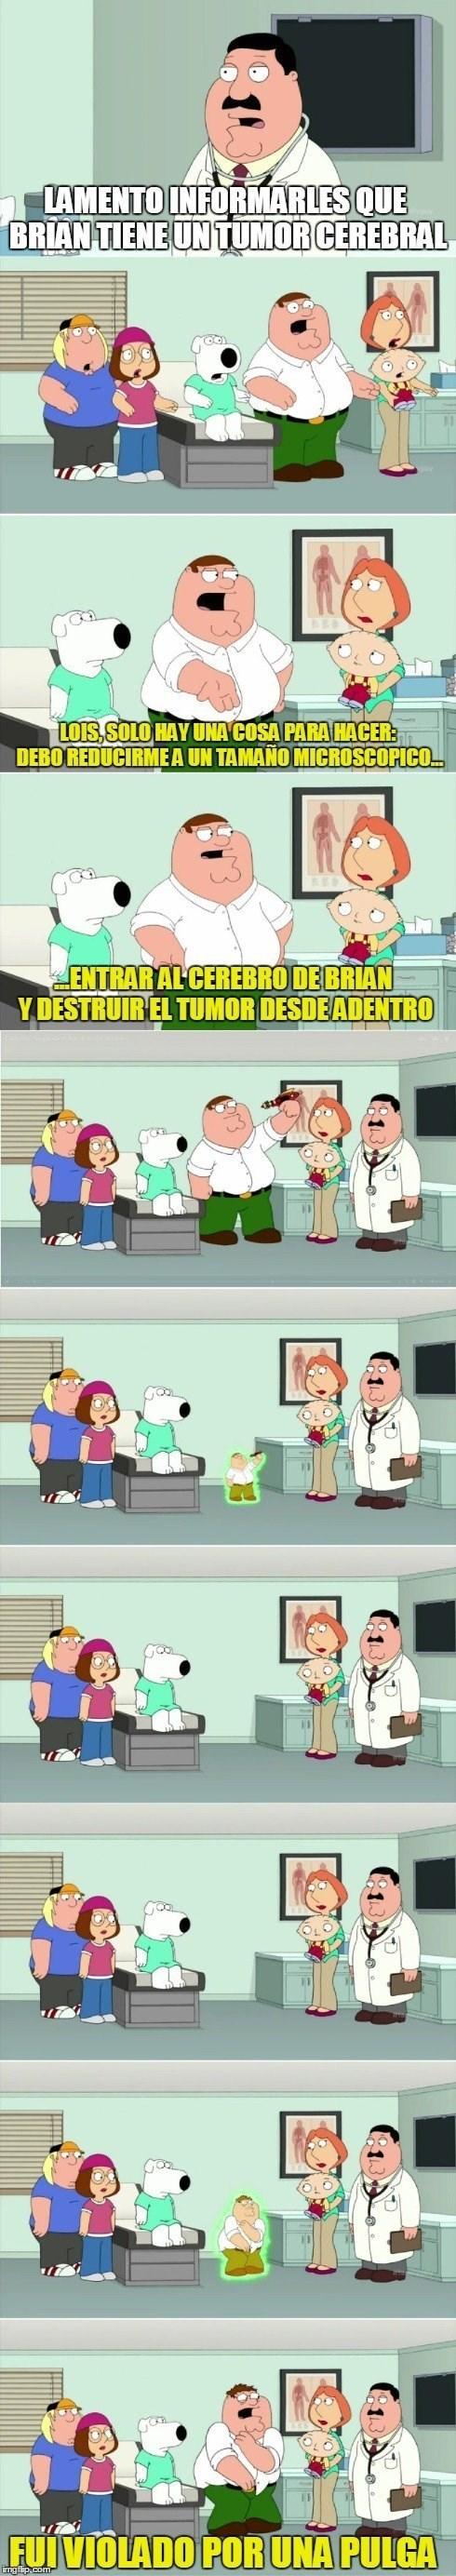 en padre de familia peter se reduce de tamaño para entrar en brian y curarle el cancer